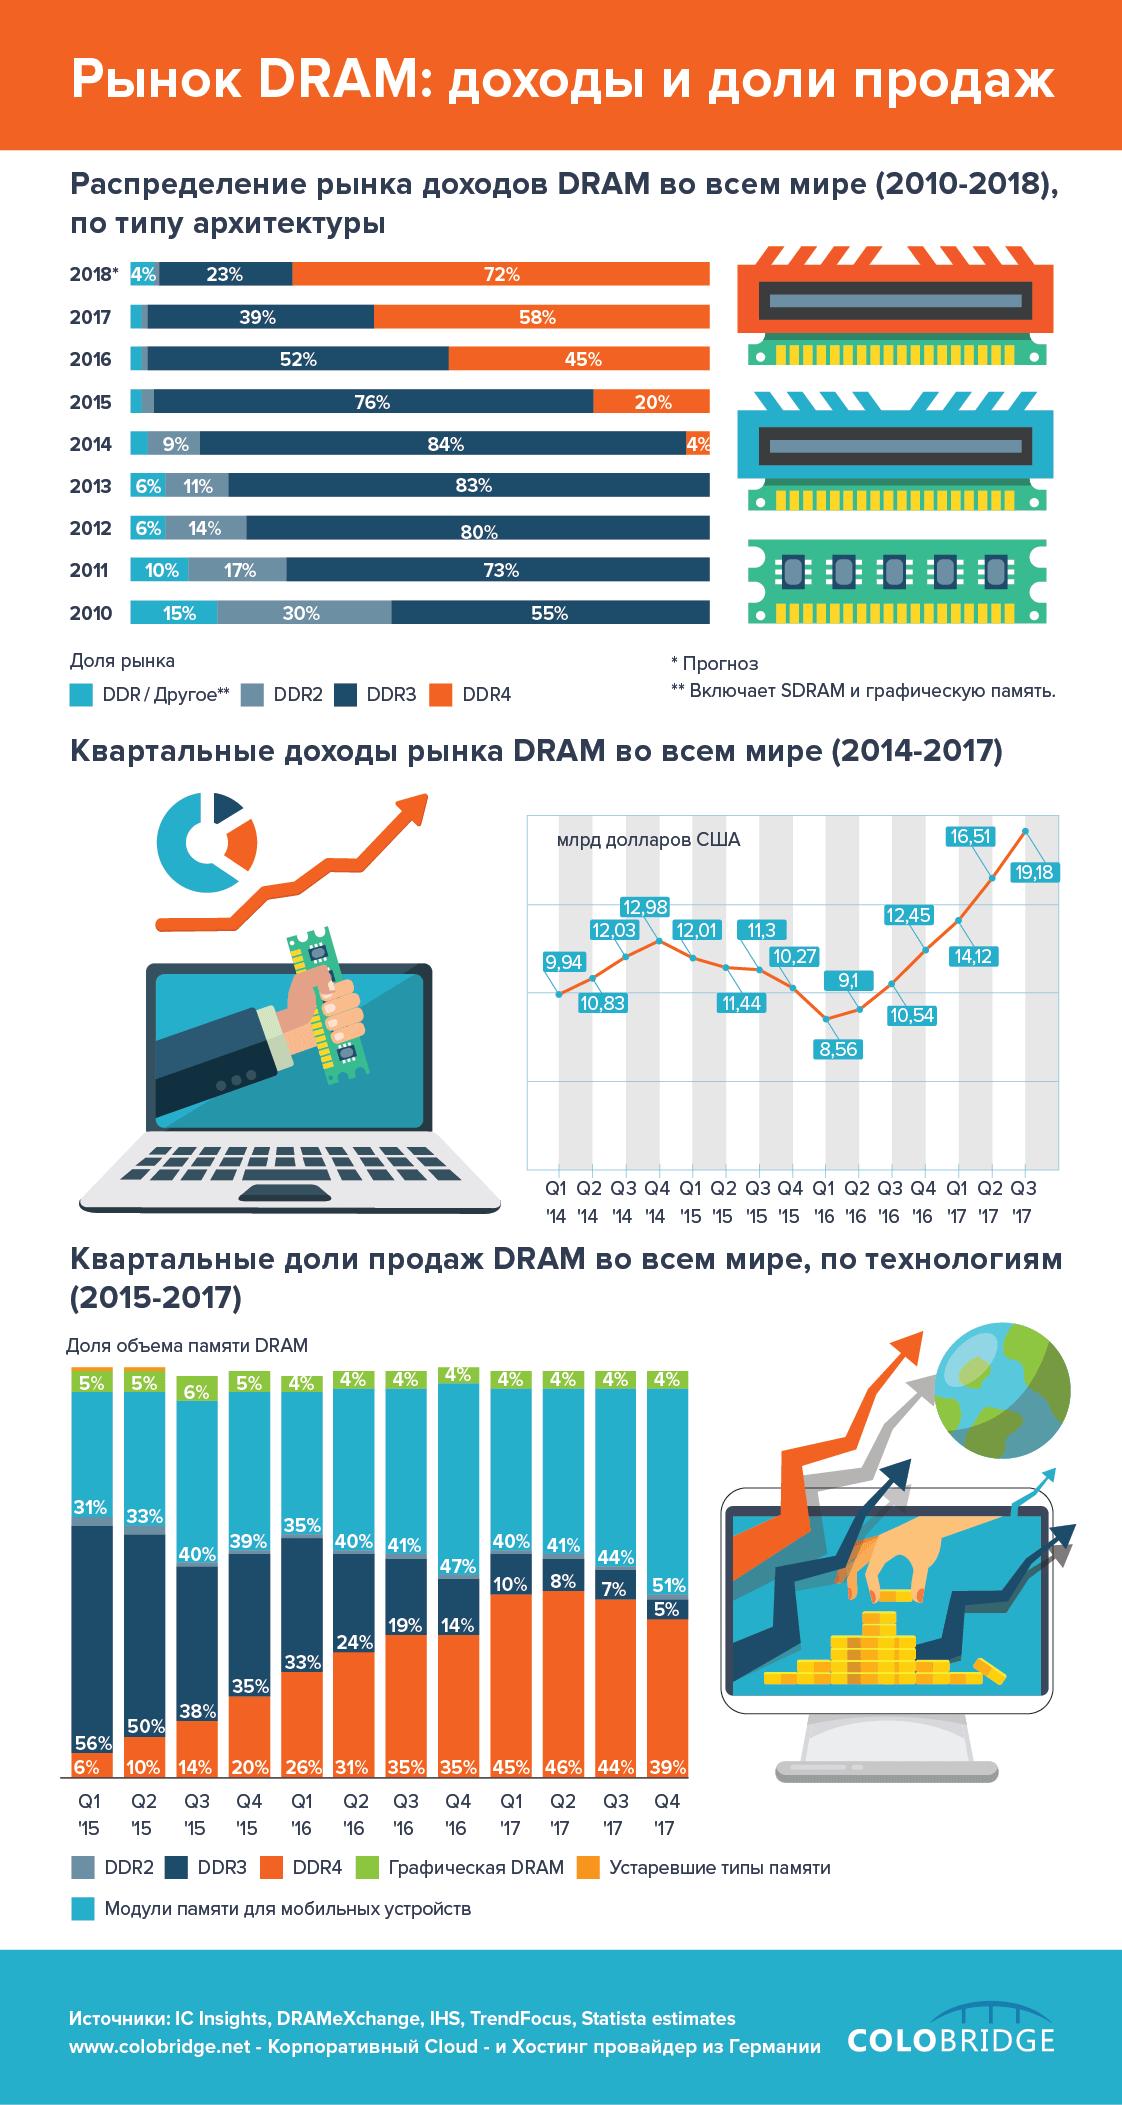 Рынок DRAM